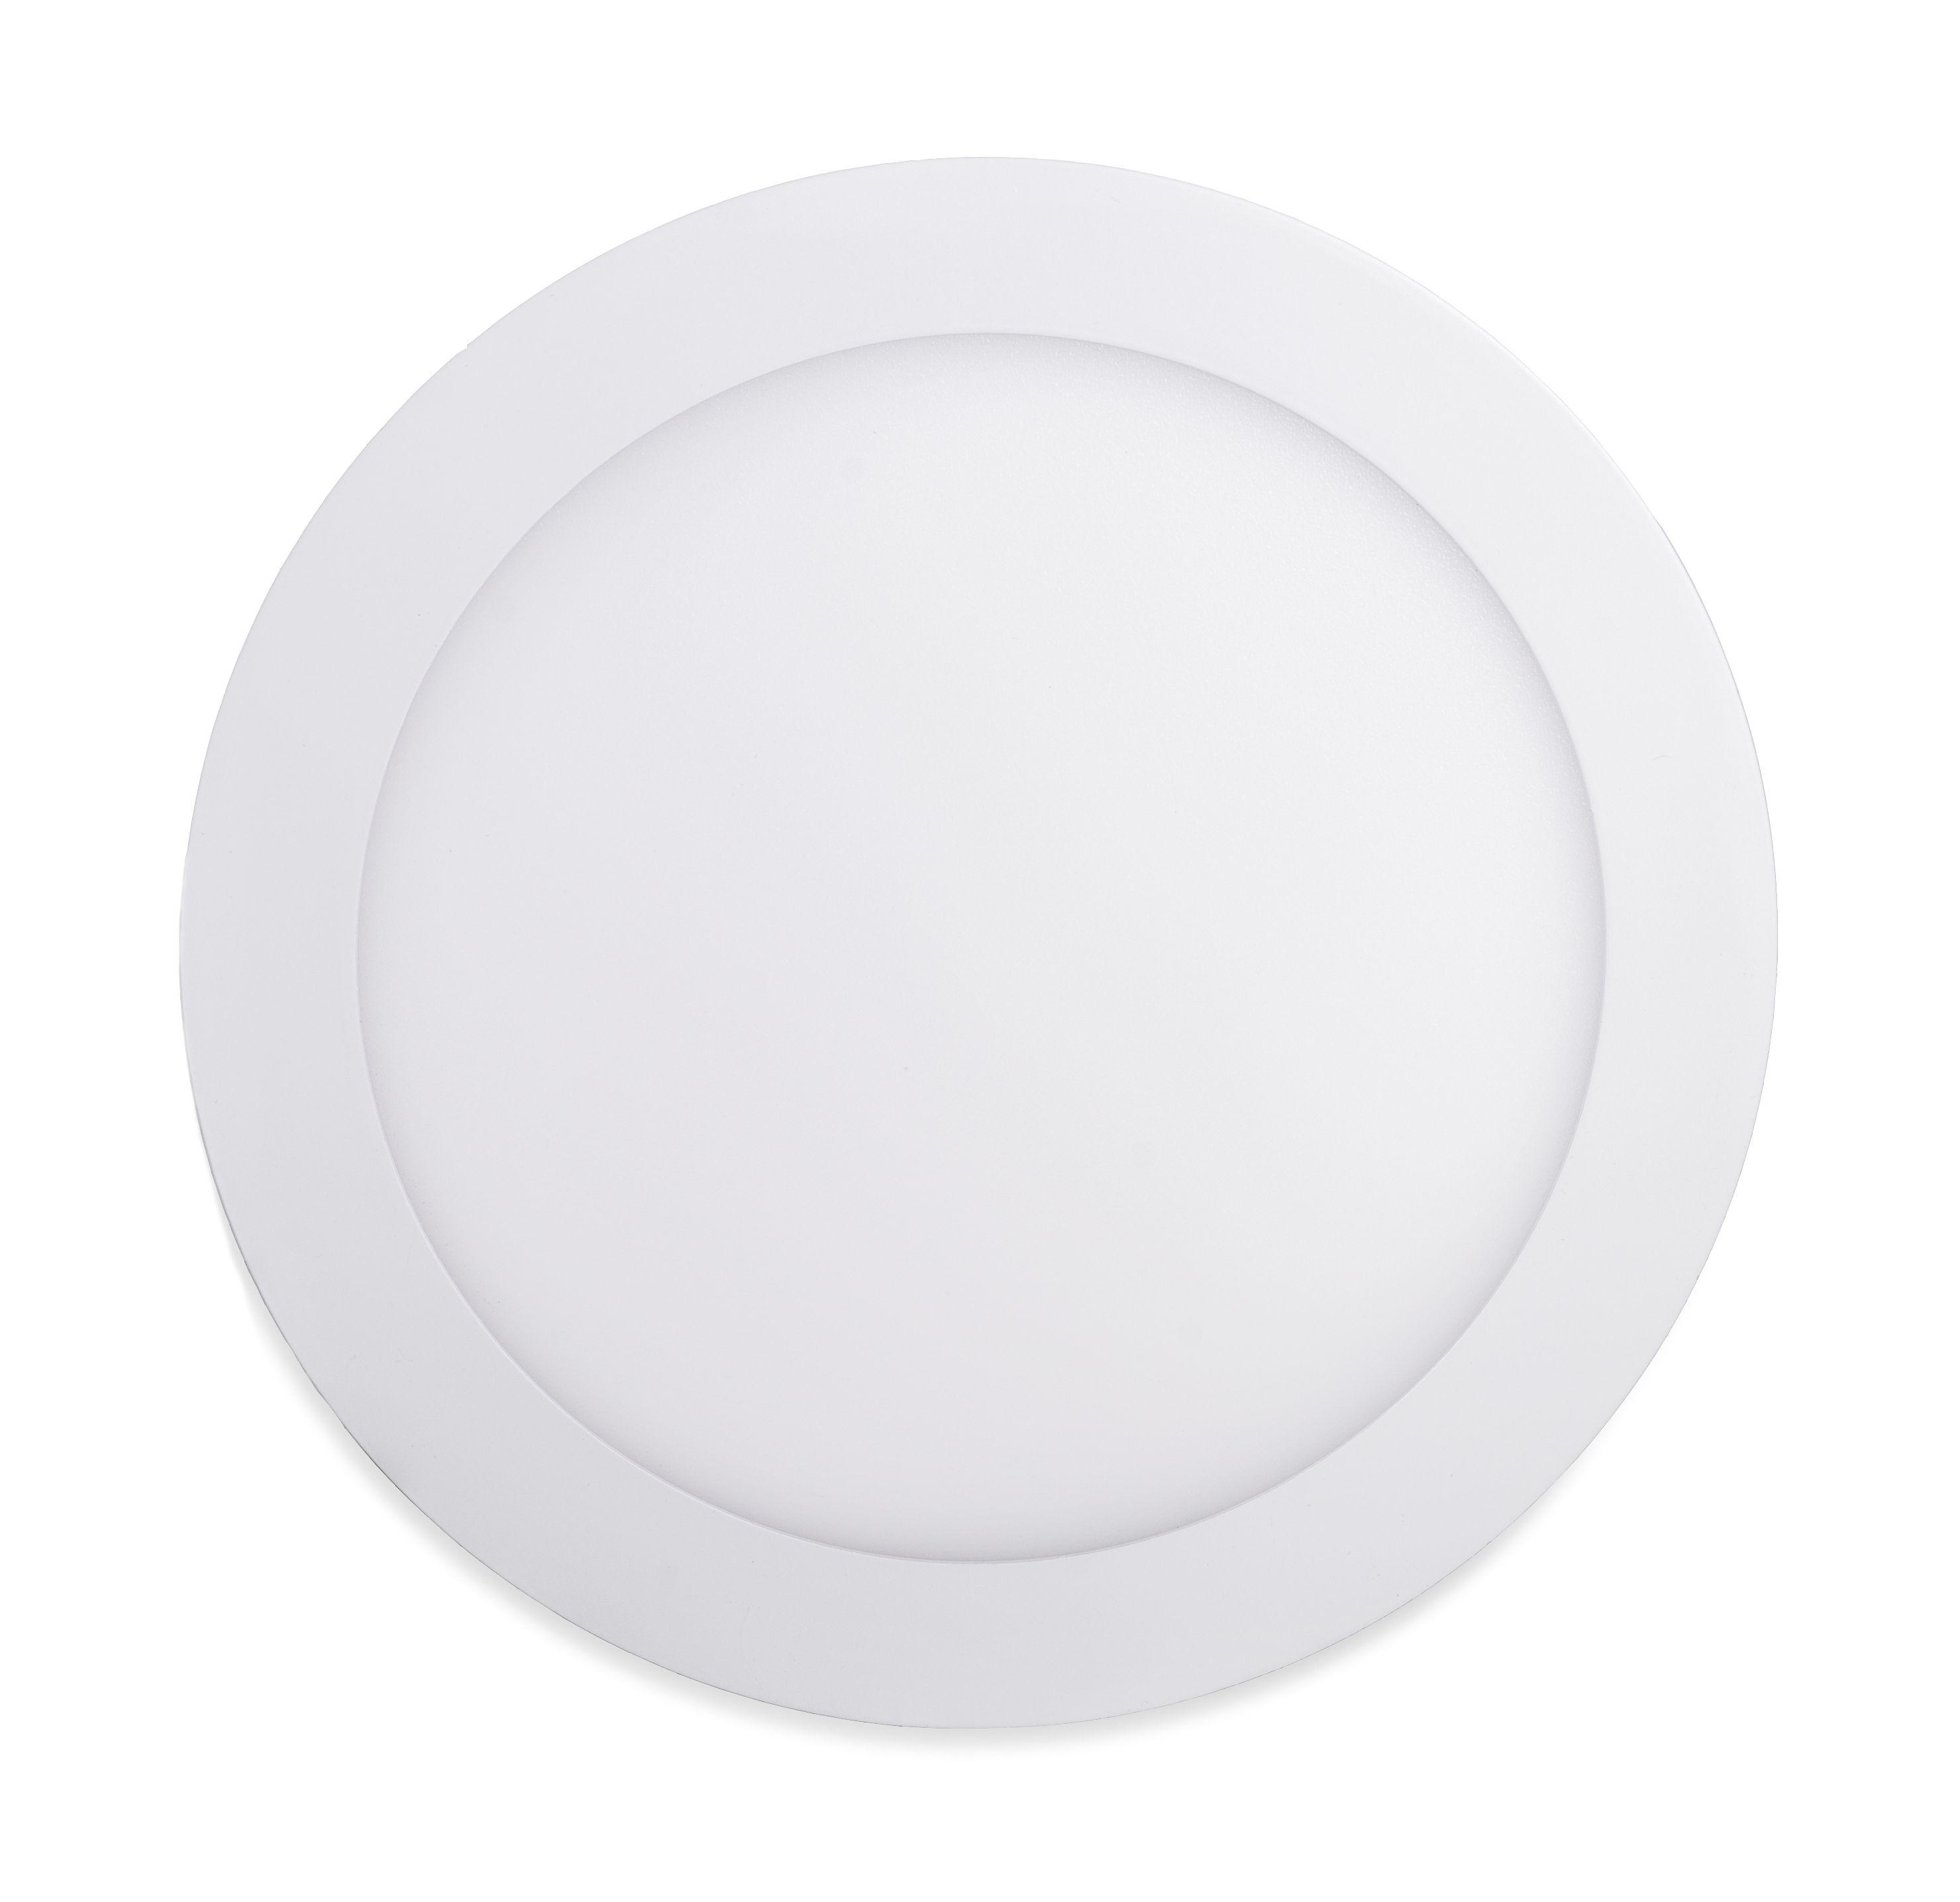 Ecolite Biely vstavaný LED panel guľatý 120mm 6W Farba svetla: Studená biela 10264